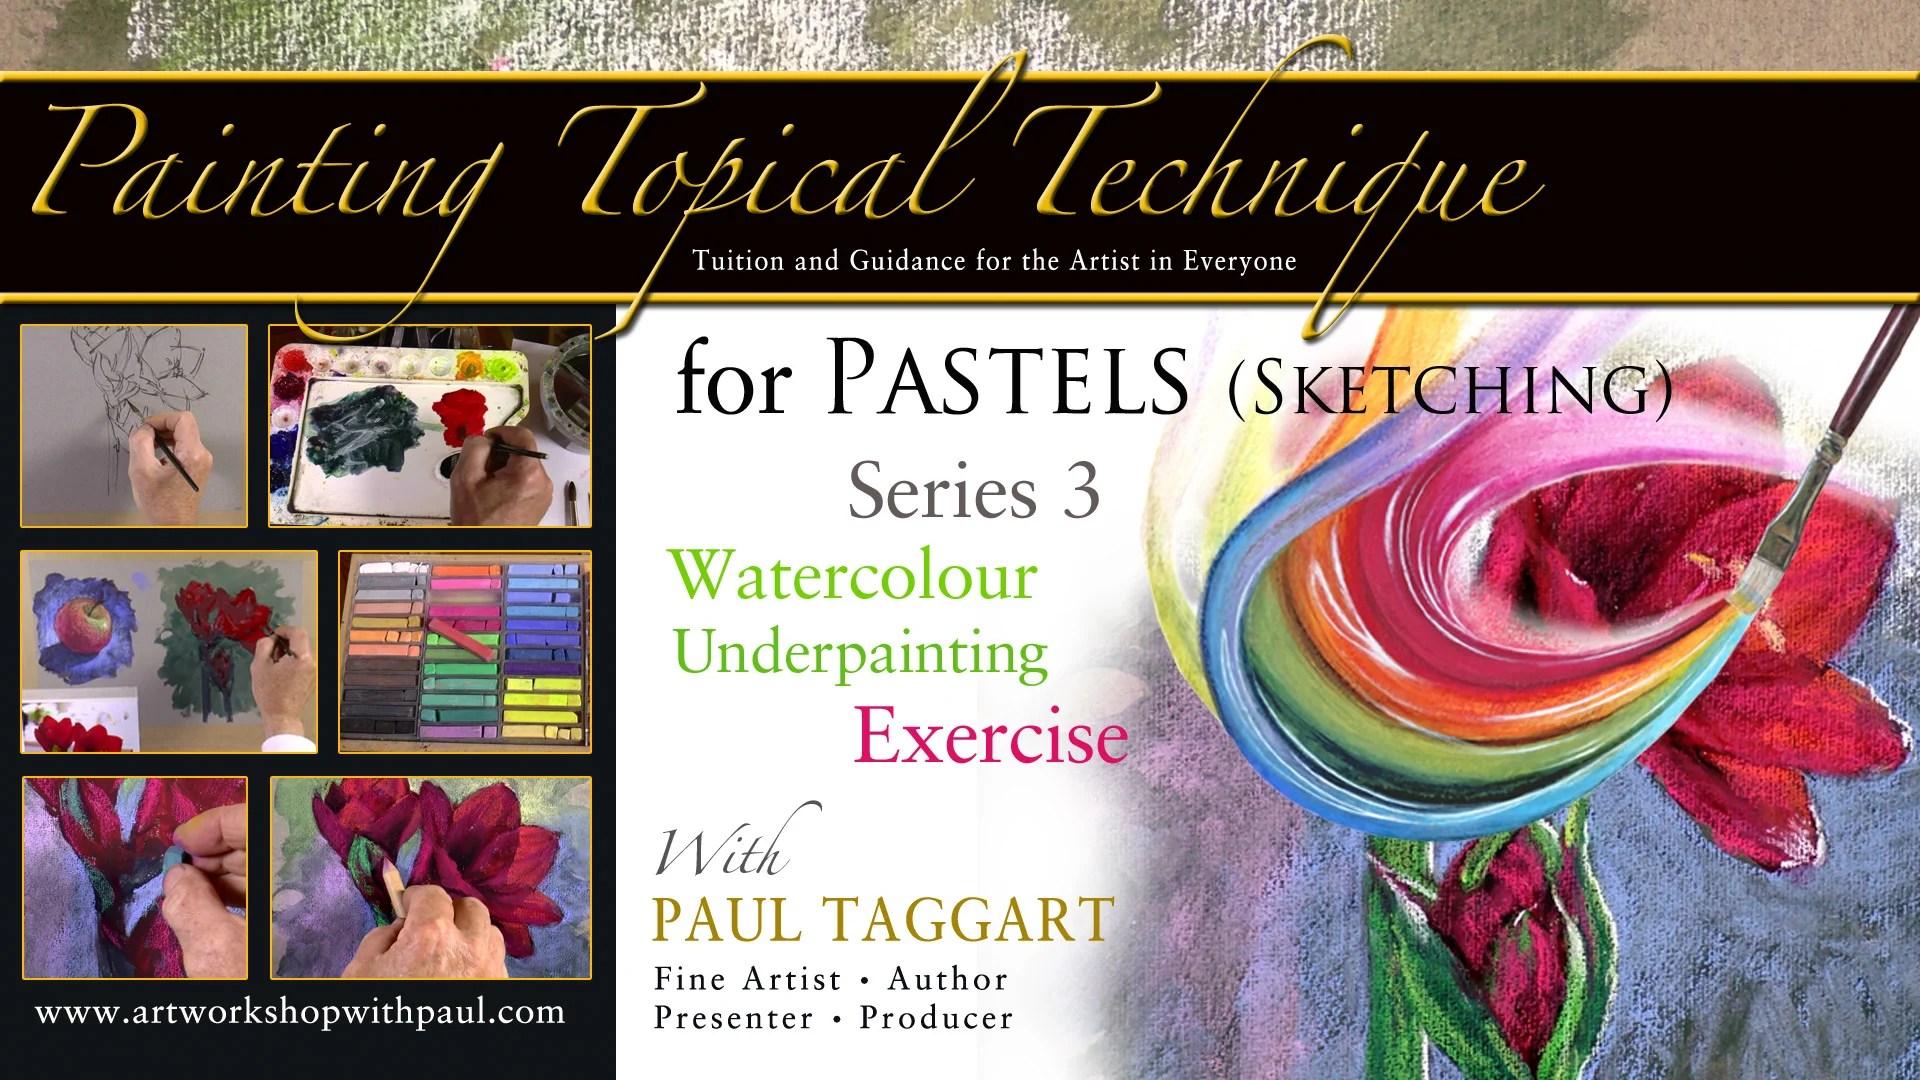 (Упражнение) акварельный фон - [Series 3] Живописная техника для зарисовки пастельными мелками с Полом Таггартом